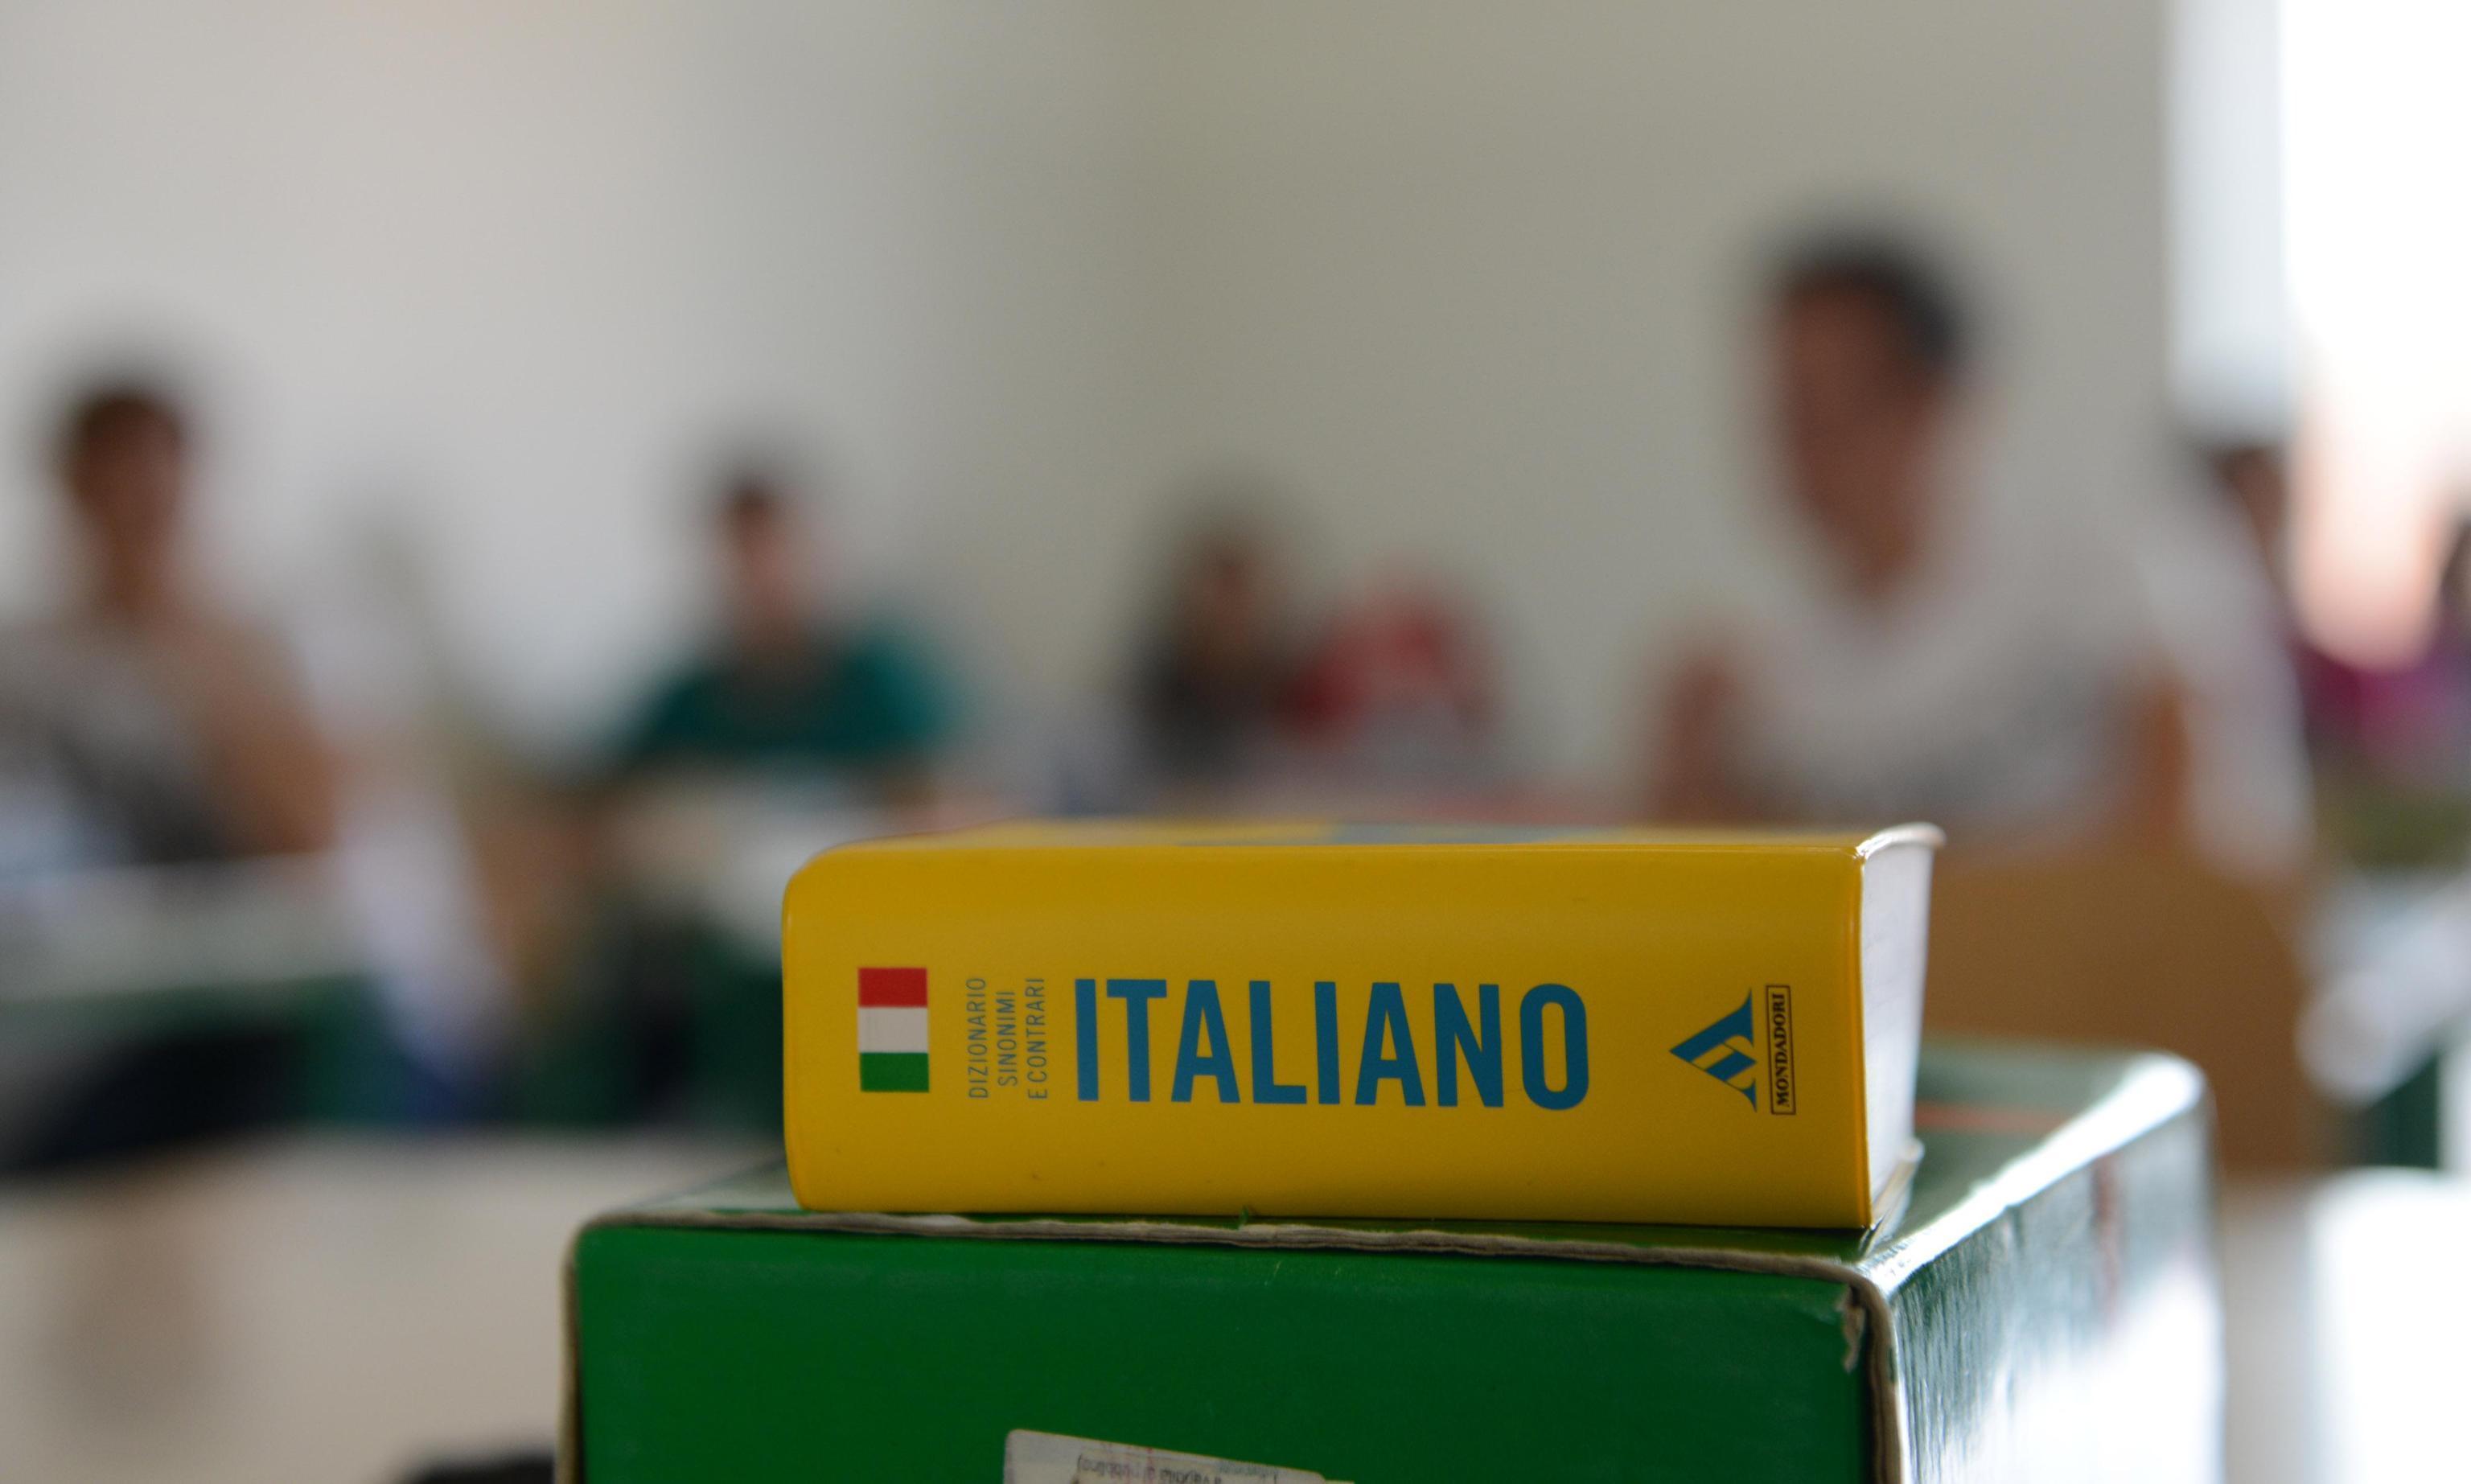 Le tracce della prima prova dell'esame di Stato: alcune considerazioni (di Francesco Ricci)